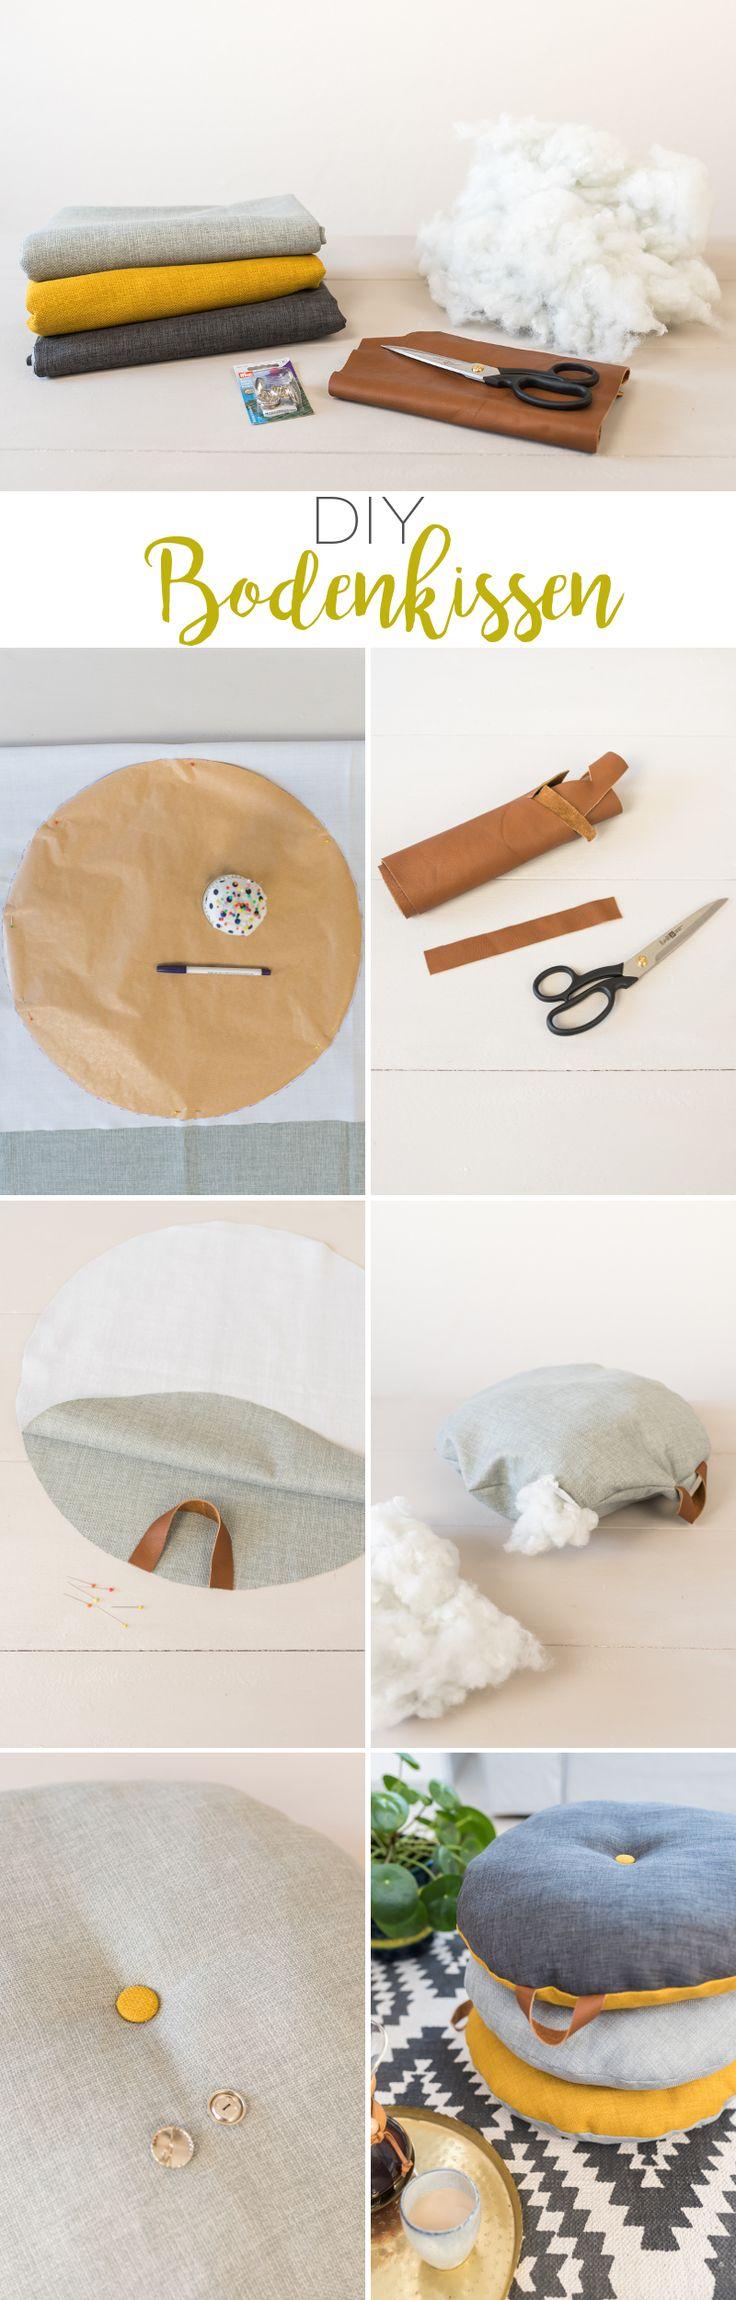 DIY - runde Bodenkissen mit Ledergriff - Leelah Loves